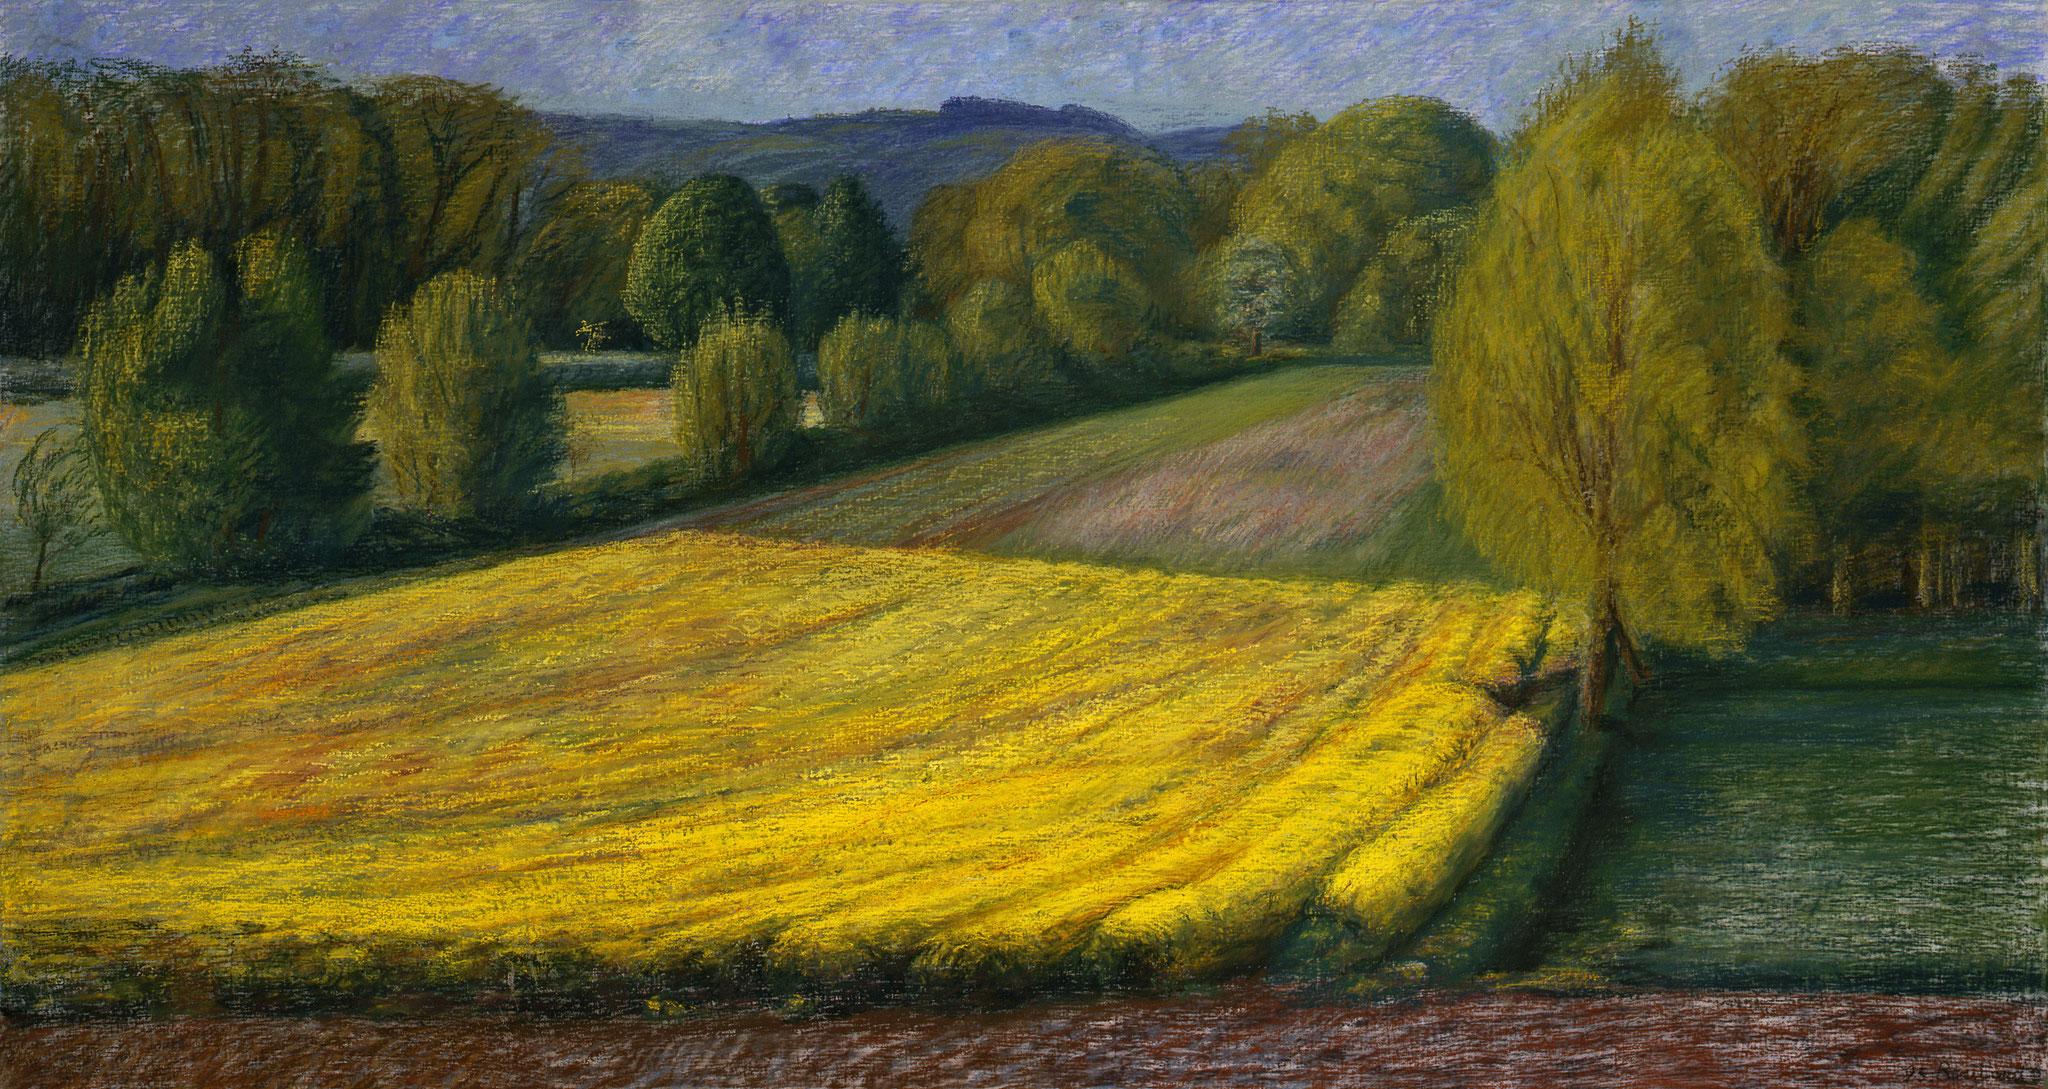 1995. 110 x 212 cm. Pastel sur toile marouflé sur toile.